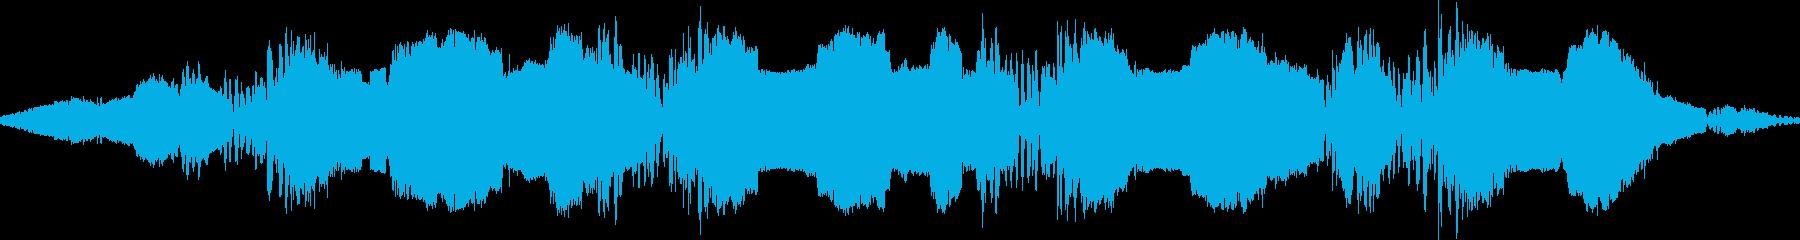 ランダム合成0606 ZGの再生済みの波形